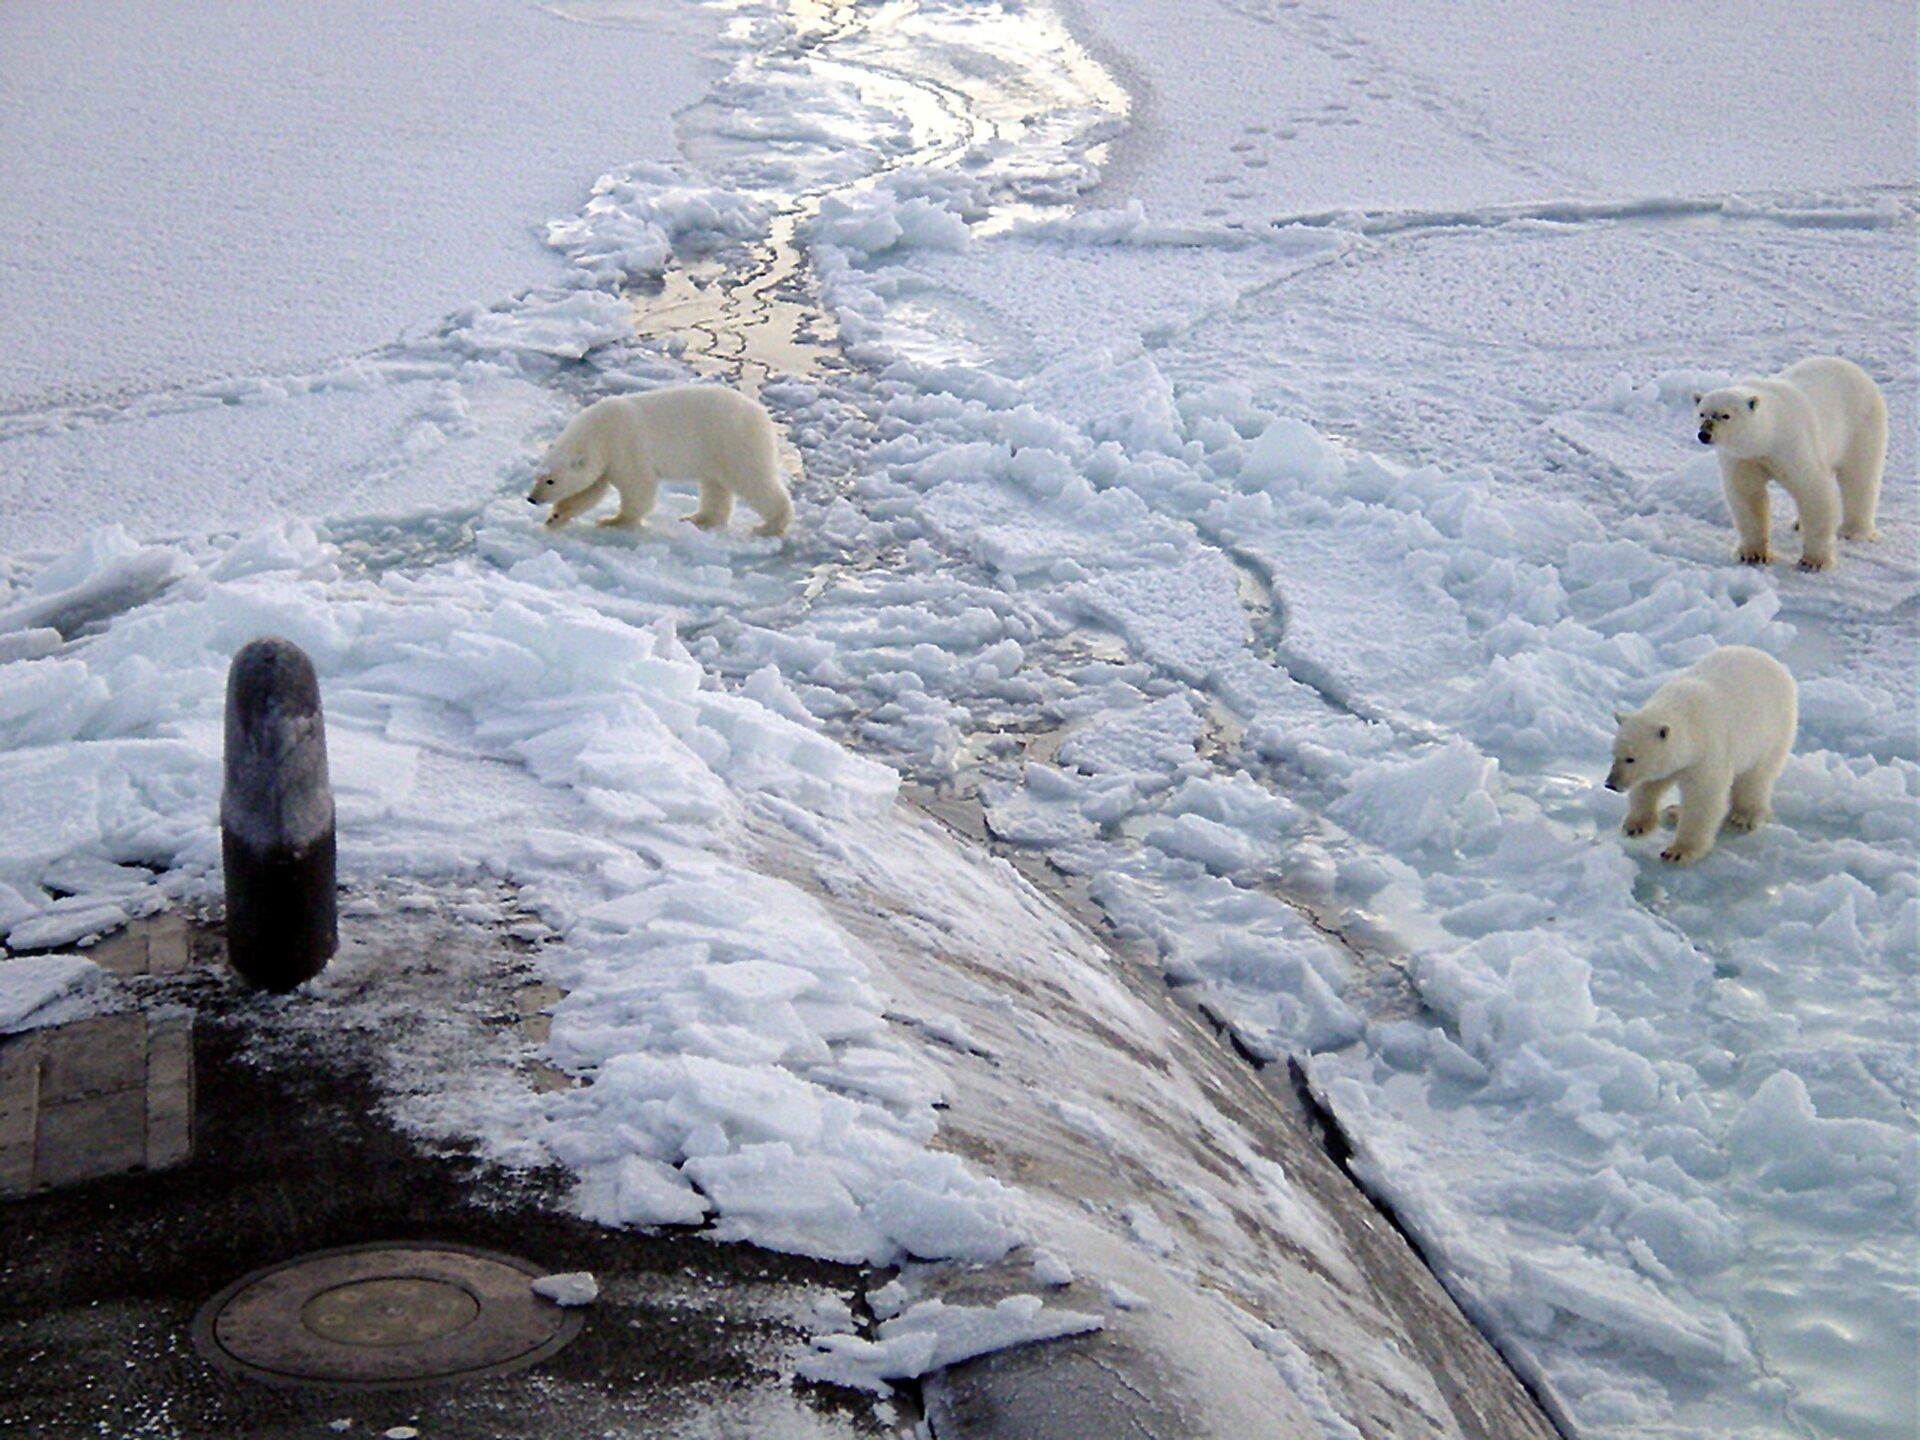 Fotografia wykonana zwysokości, prezentuje trzy białe niedźwiedzie polarne idące po topniejącej krze.